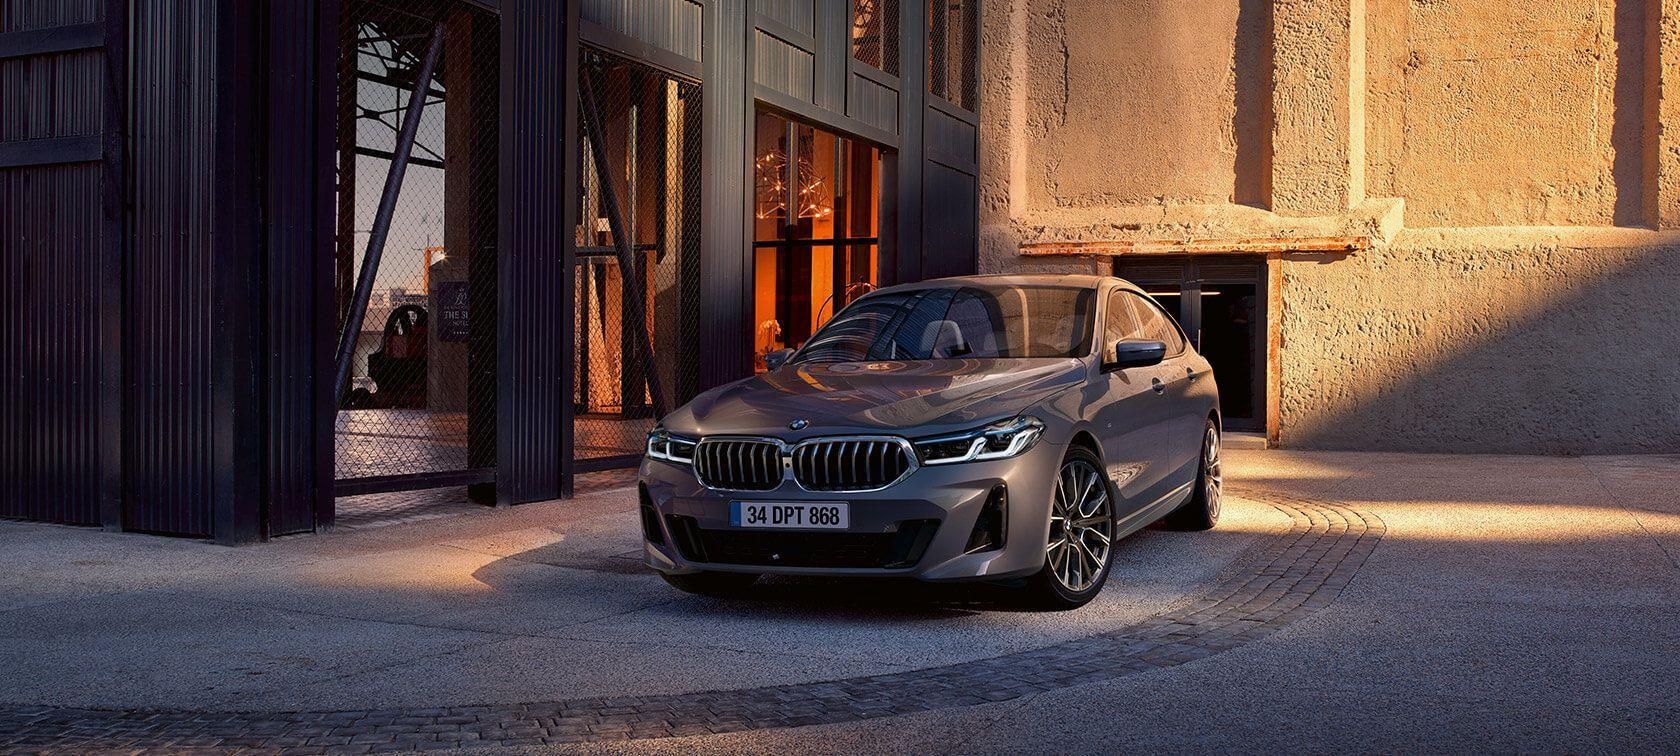 Yeni BMW 6 Serisi Gran Turismo